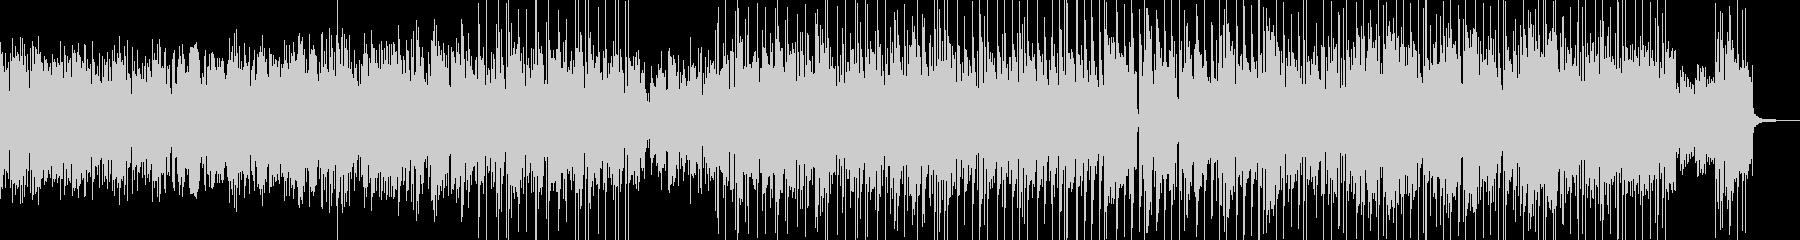 フルートで奏でる癒しタイム・ラテン Aの未再生の波形